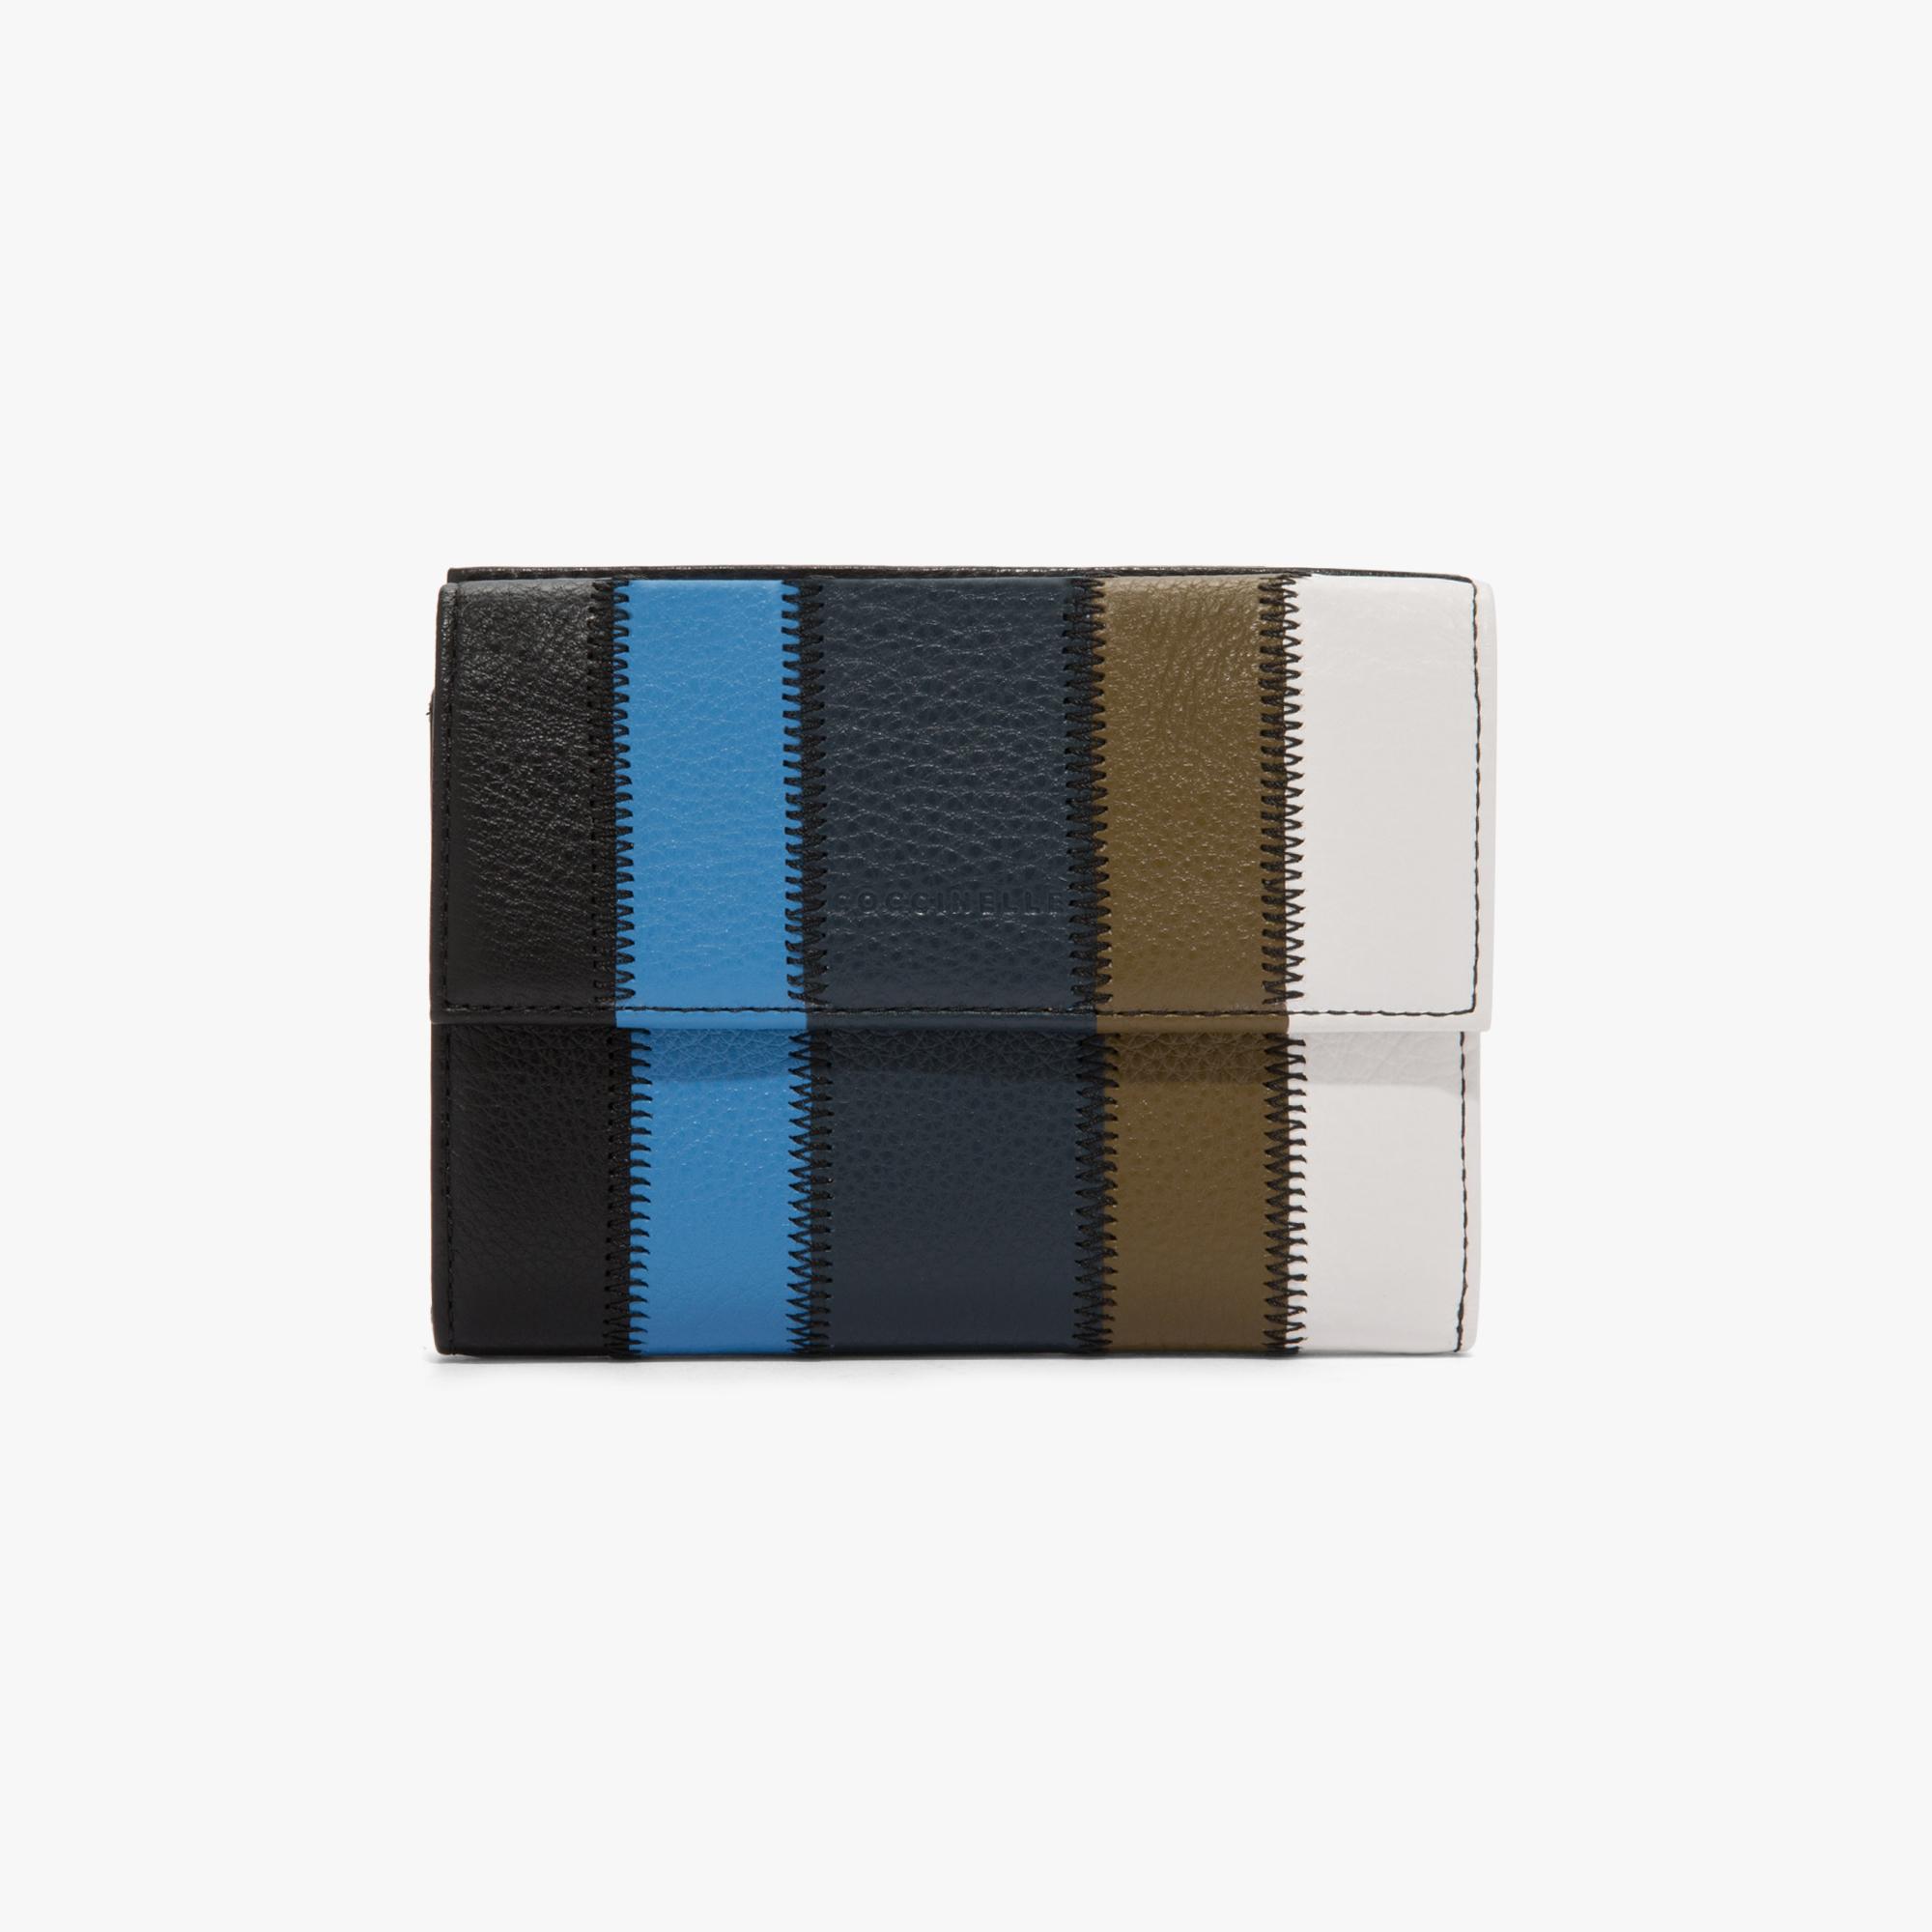 Patch Stripes